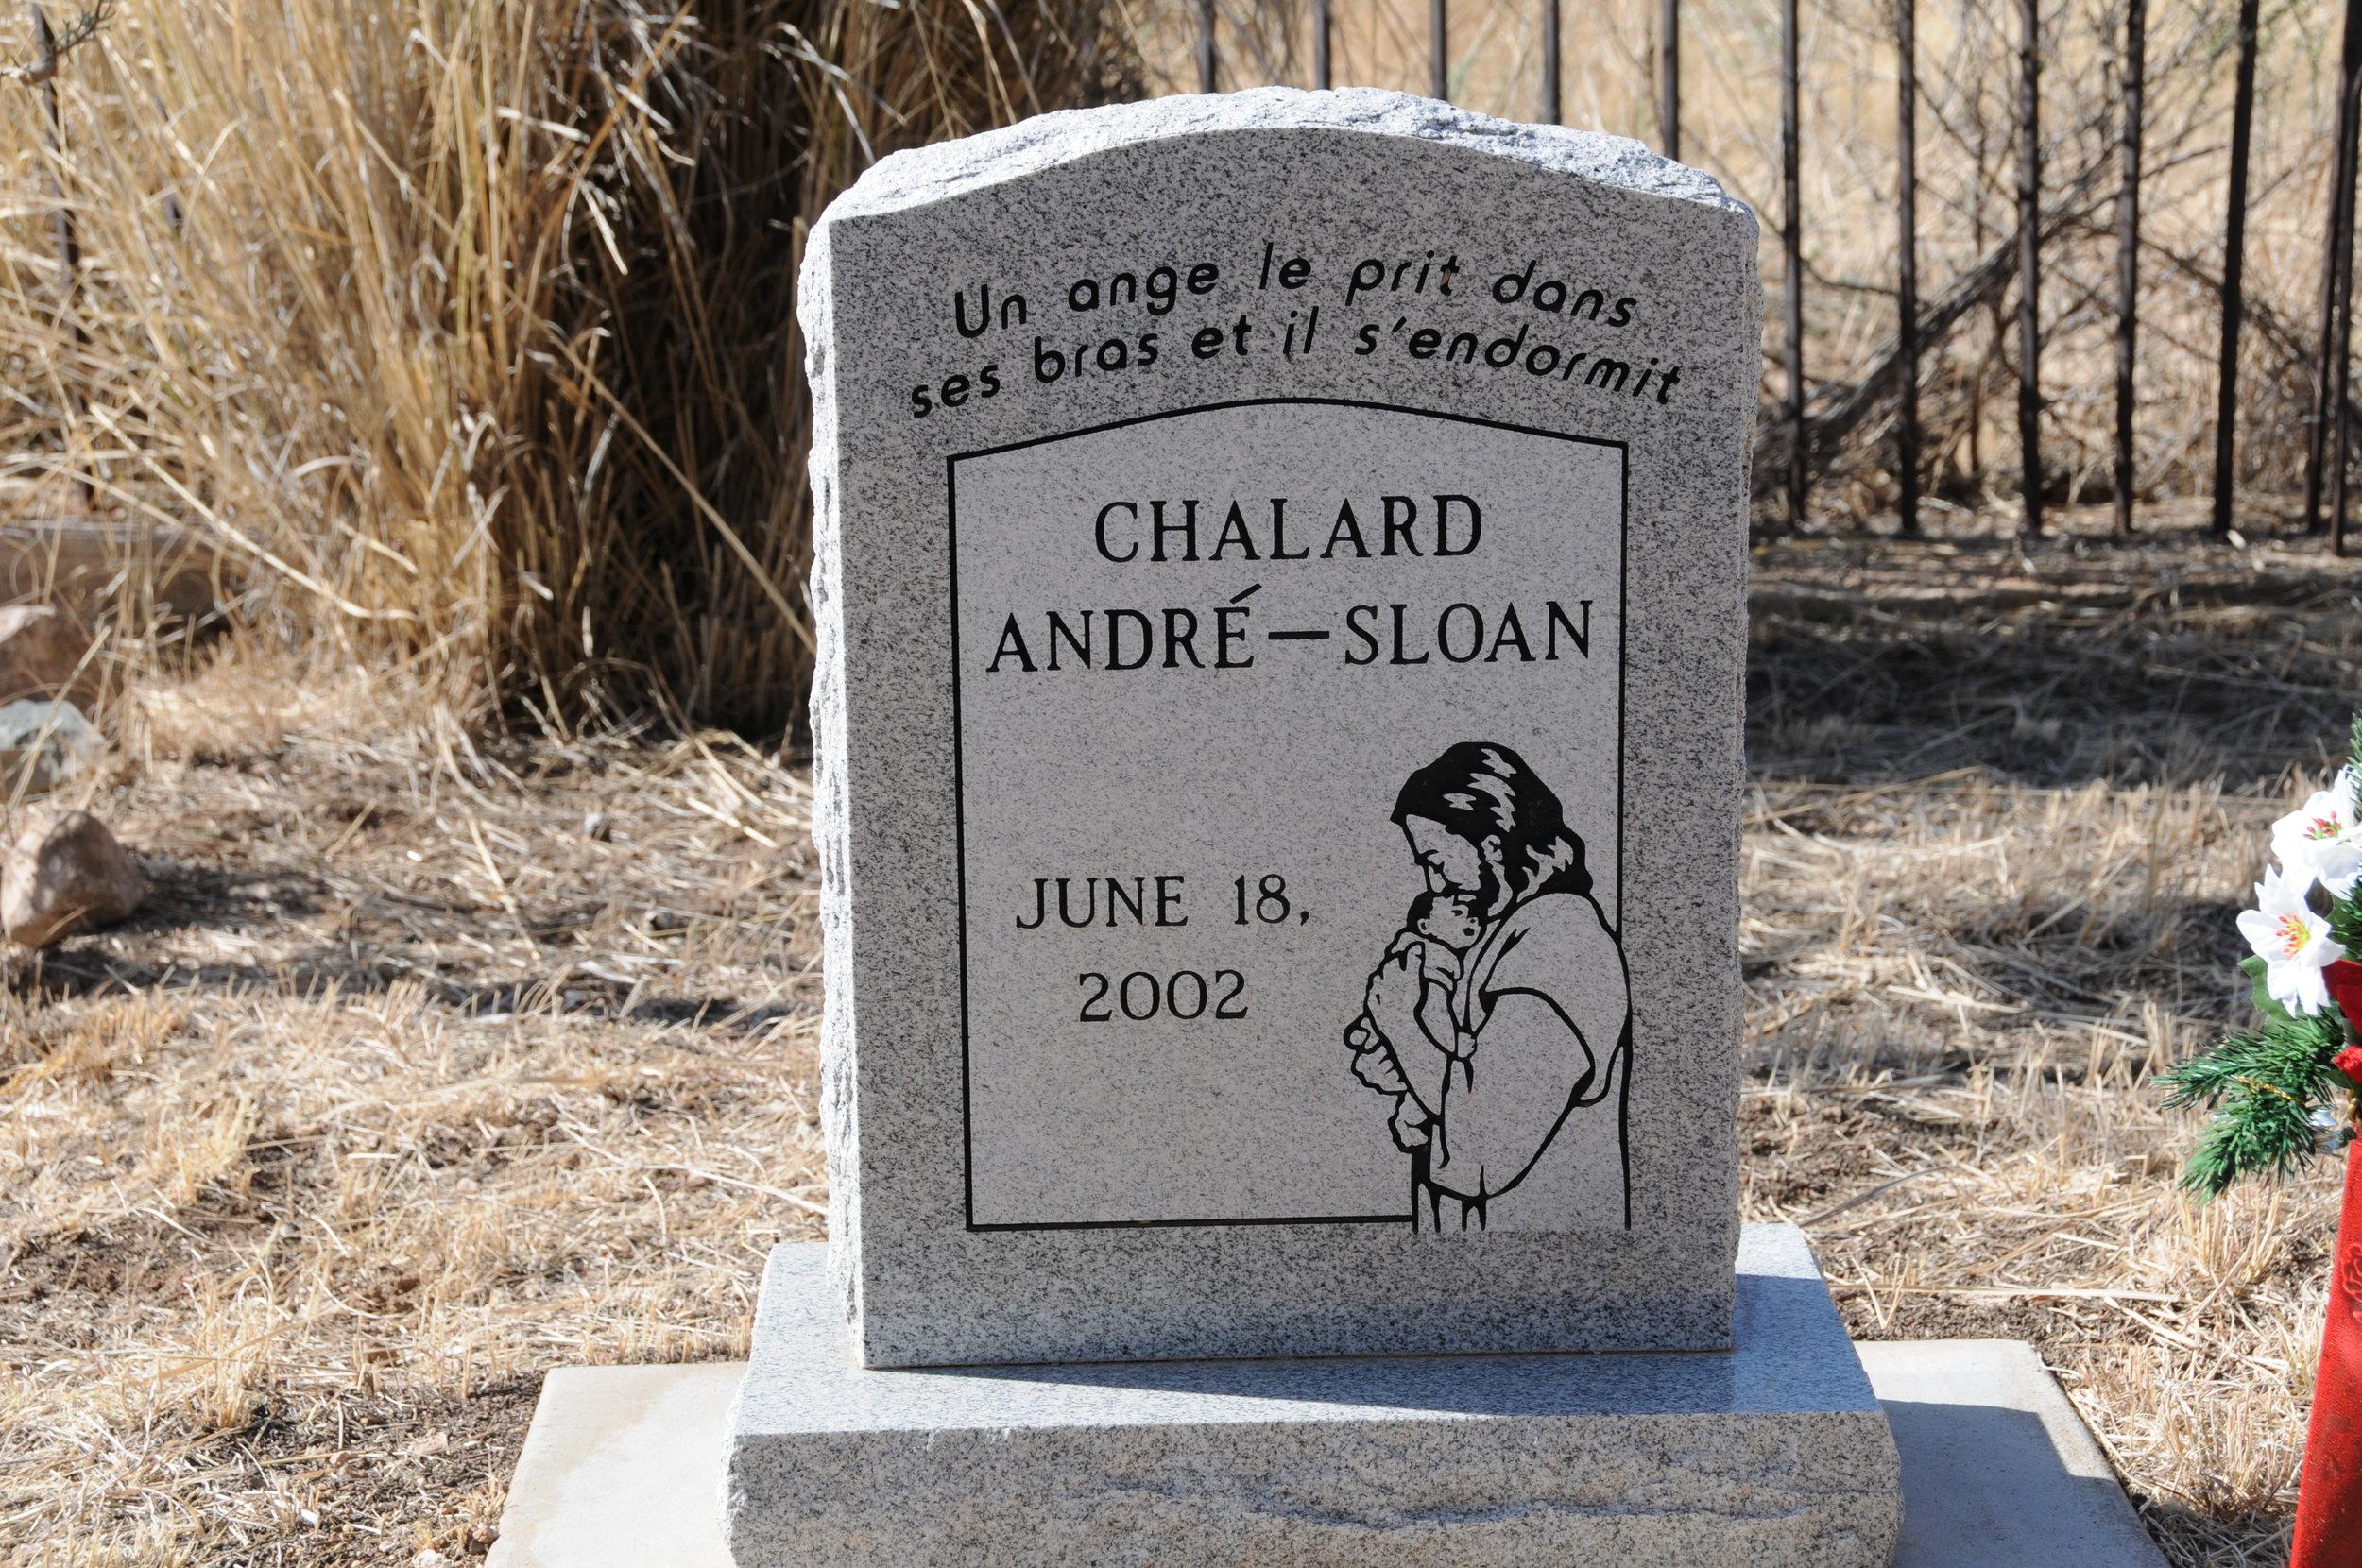 10b CHALARD ANDRE SLOAN